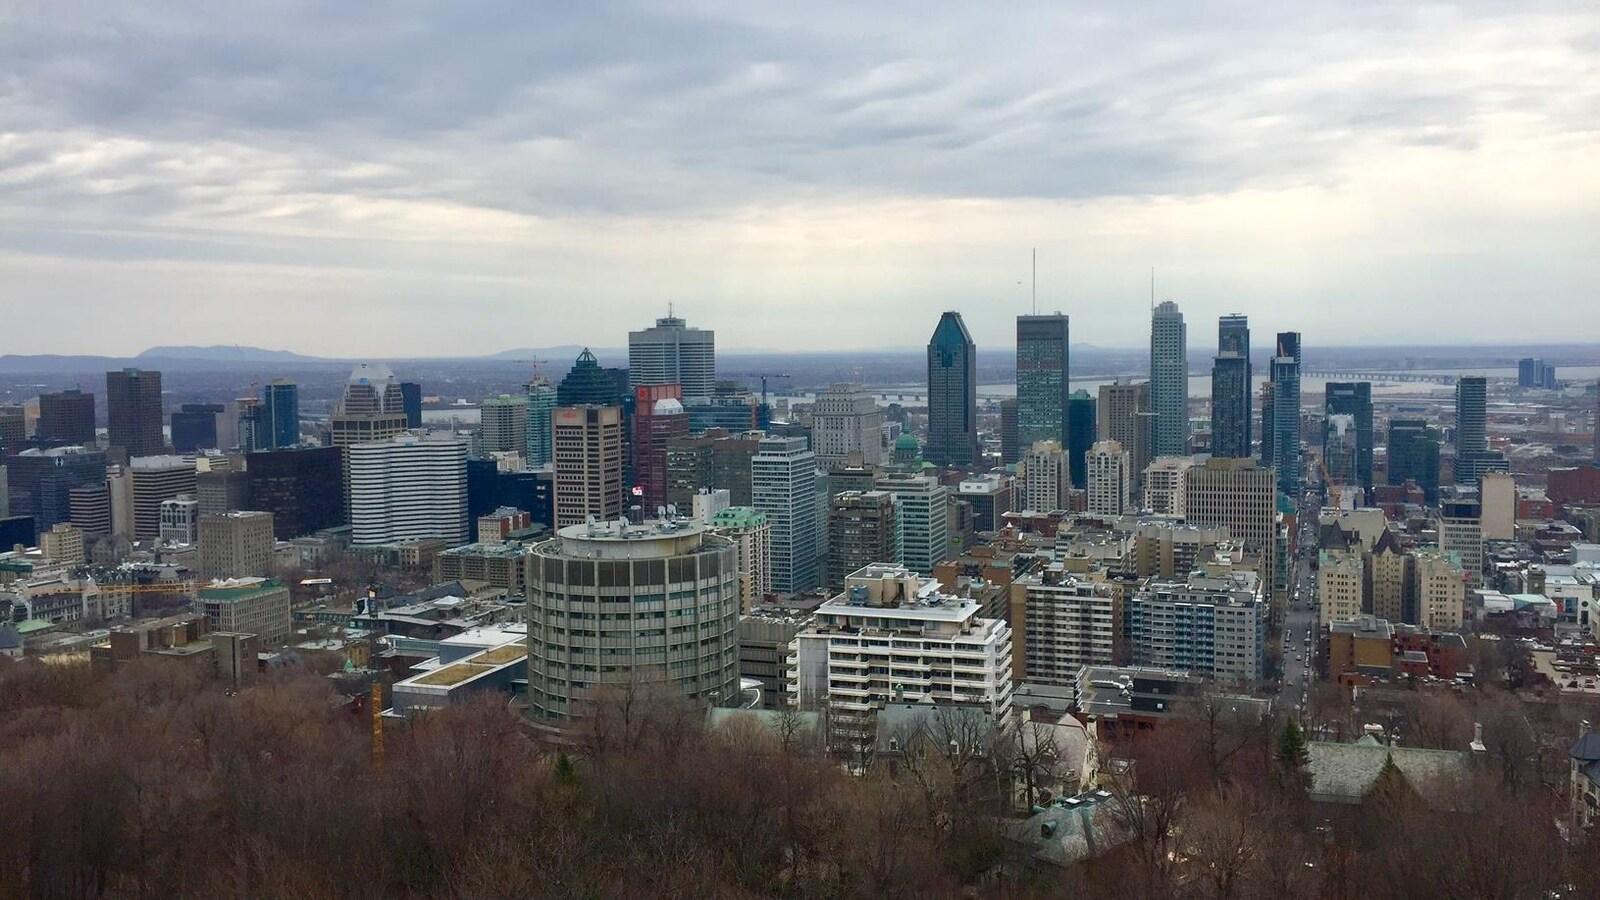 Le centre-ville de Montréal, vu du sommet du mont Royal